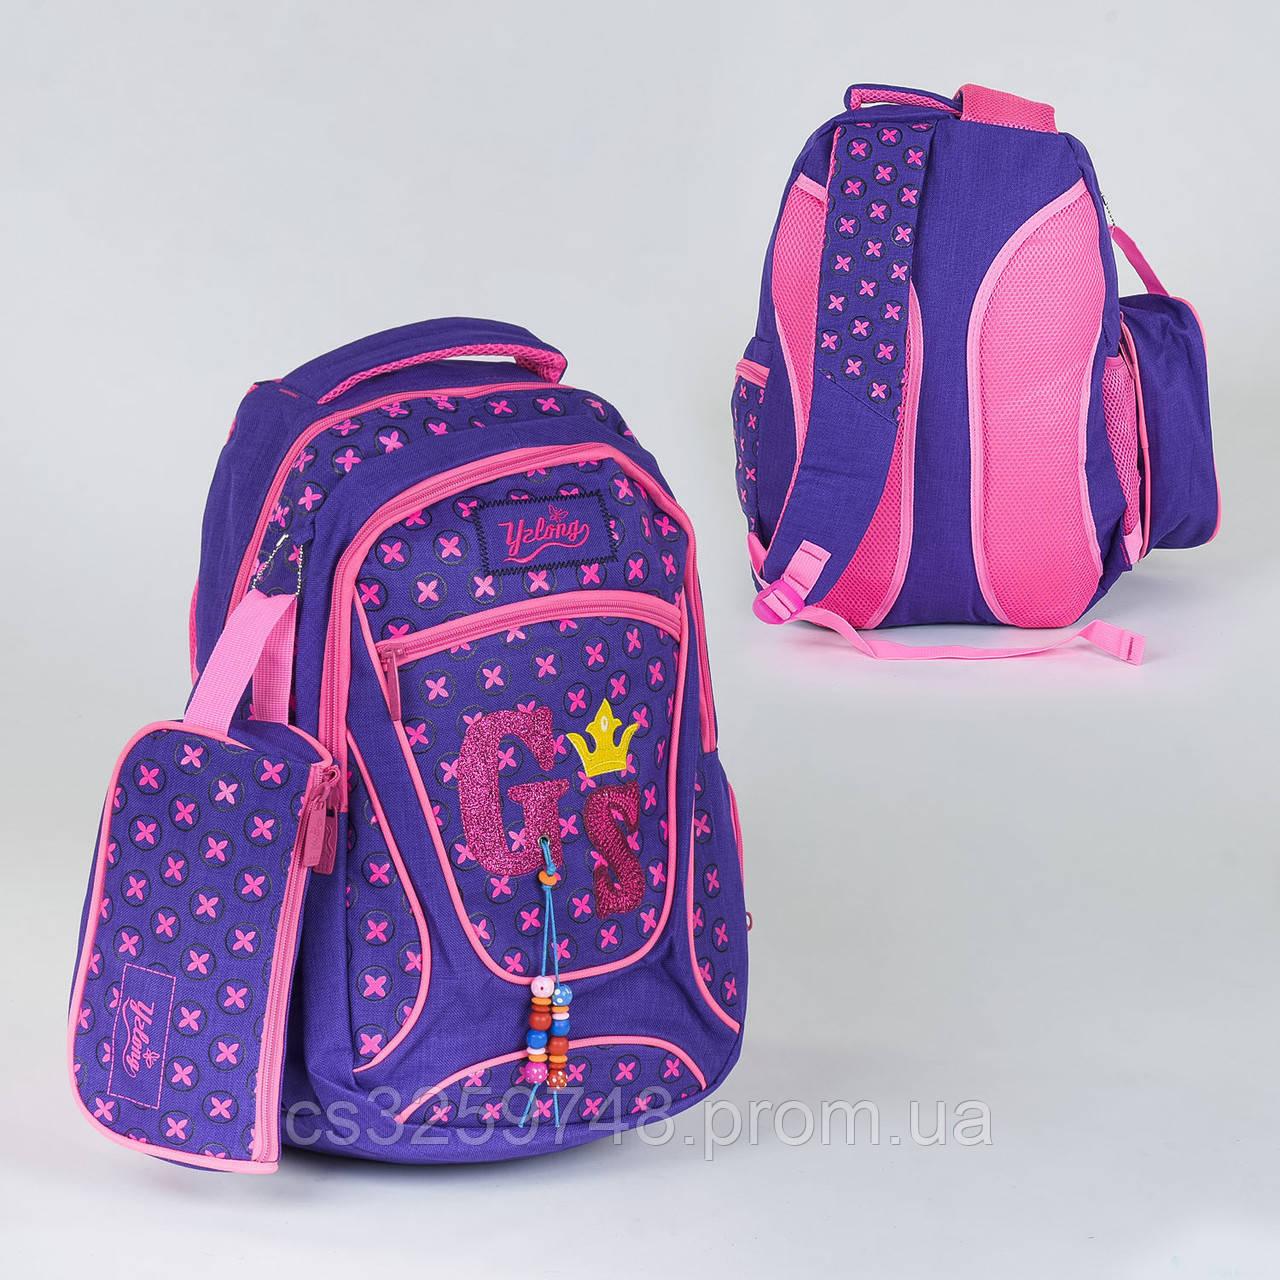 Рюкзак школьный C 36317, 3 отделения, 2 кармана, пенал